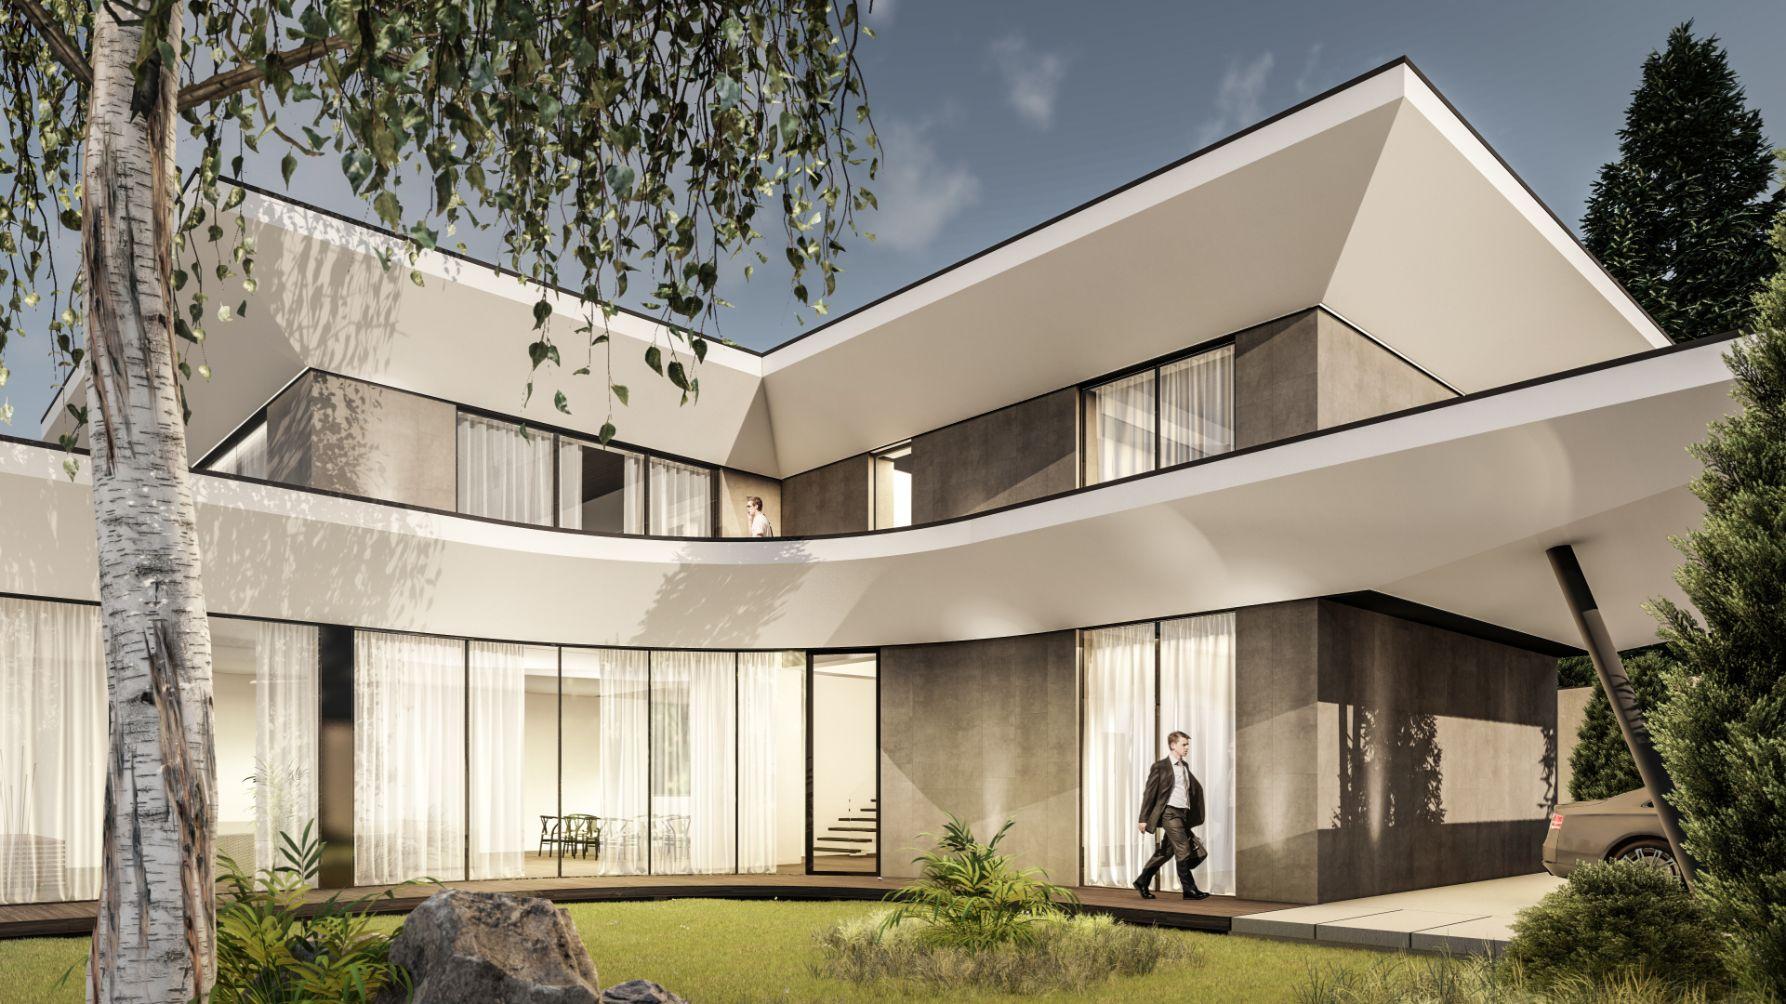 Locuință de lux pe două nivele parter și etaj cu dormitoare propria terasă